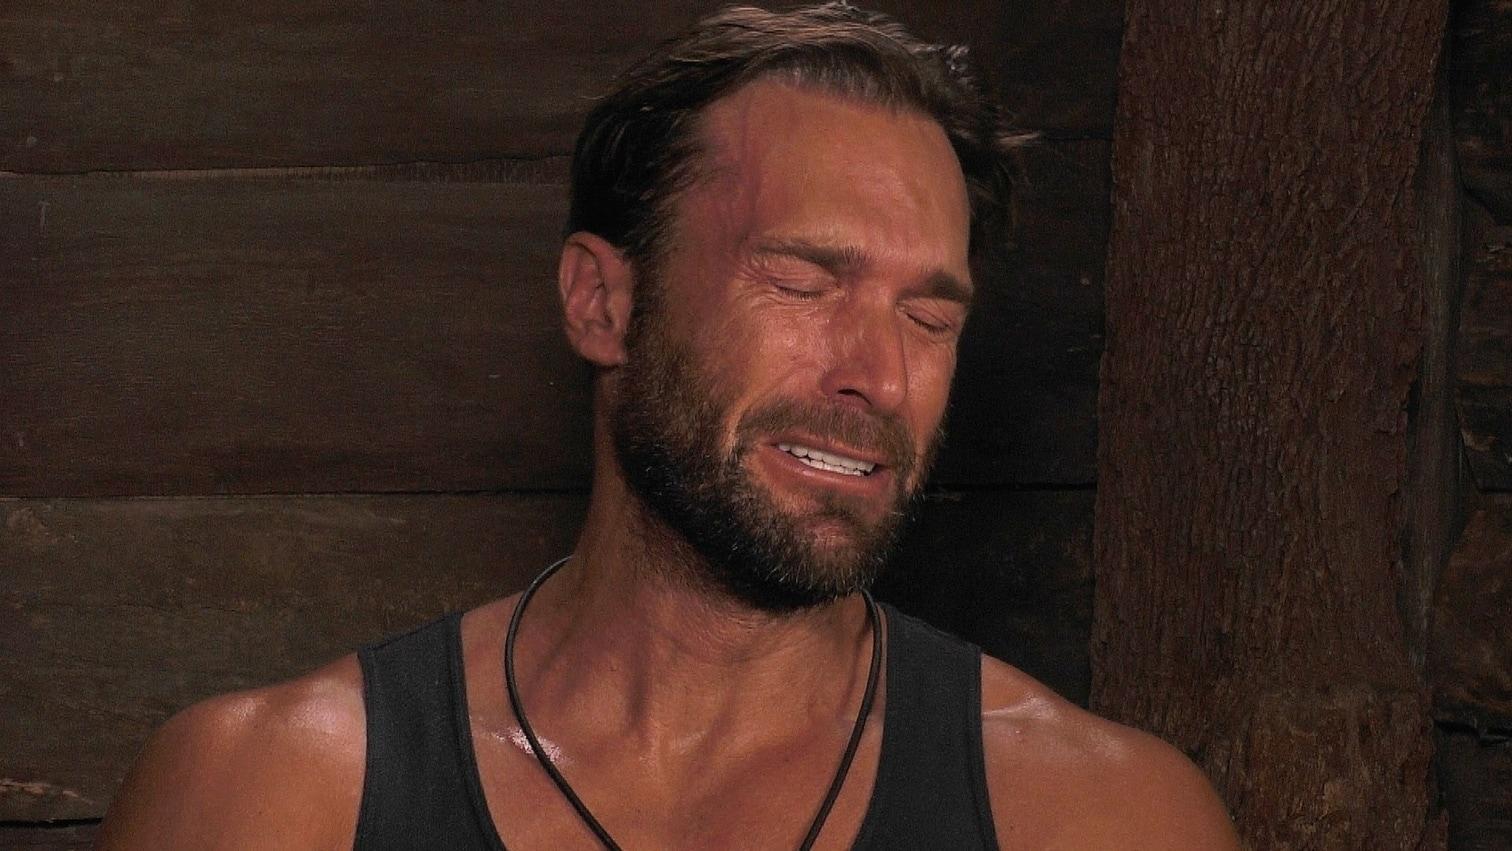 <p>Auch an Tag 11 war im Dschungel wieder einiges los: Tommi Piper muss ausziehen und Chris Töpperwien lästert mal wieder. Über wen? Bastian Yotta natürlich. Der Protz-Millionär lässt einmal mehr seinen Emotionen freien lauf.</p>